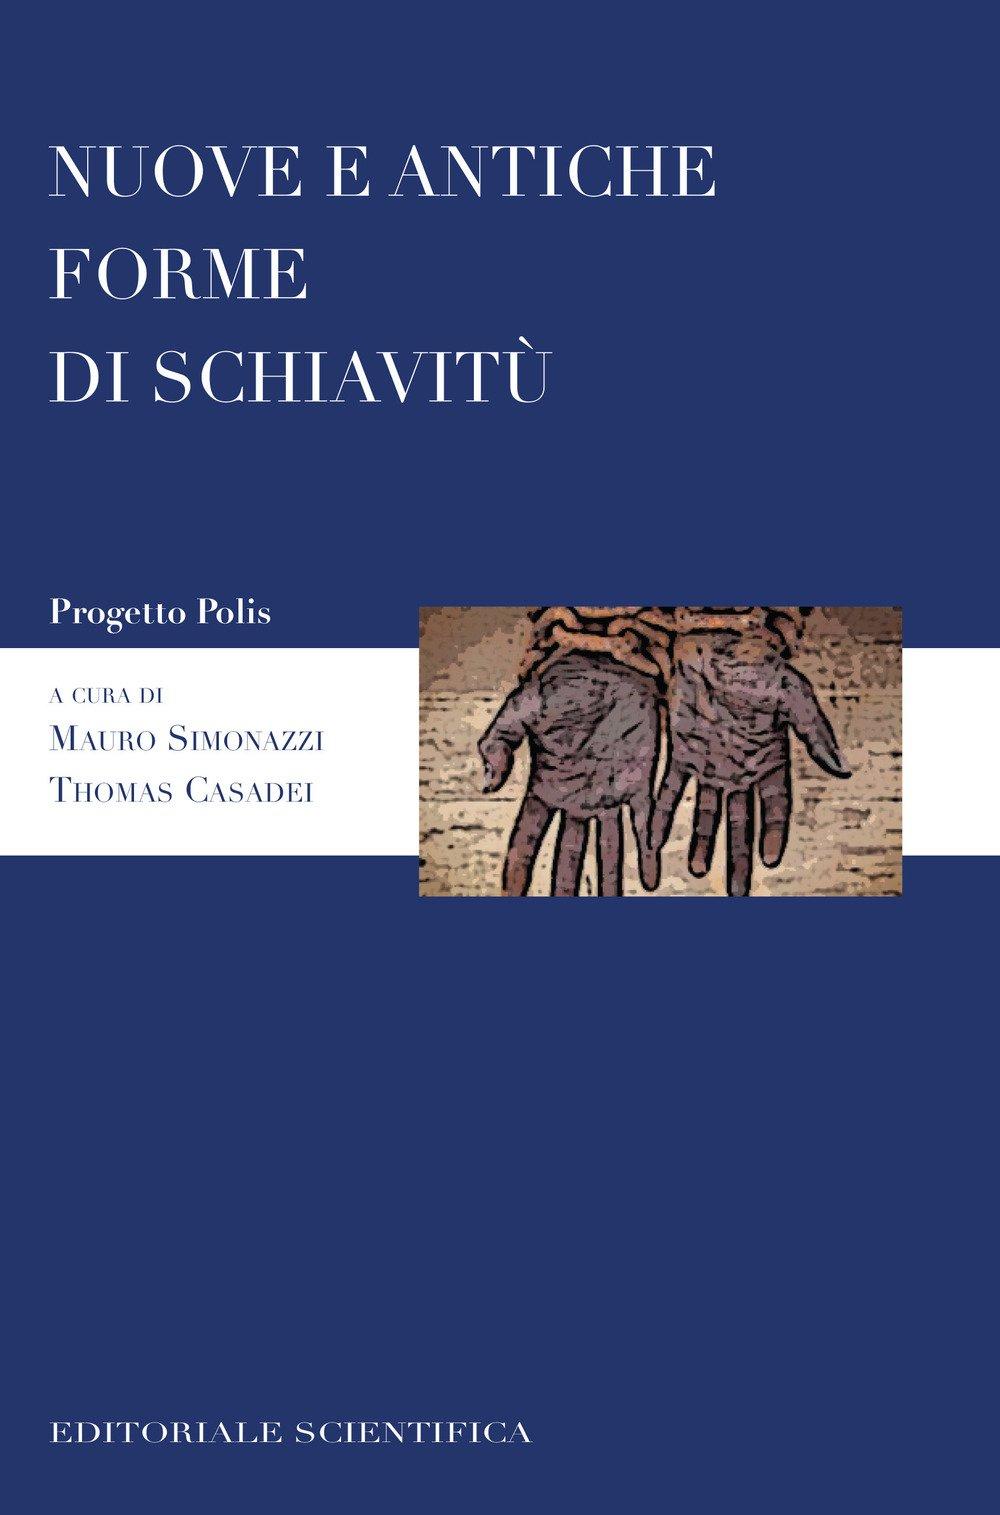 Nuove a antiche forme di schiavitù Copertina flessibile – 1 mar 2018 M. Simonazzi T. Casadei Editoriale Scientifica 8893913194